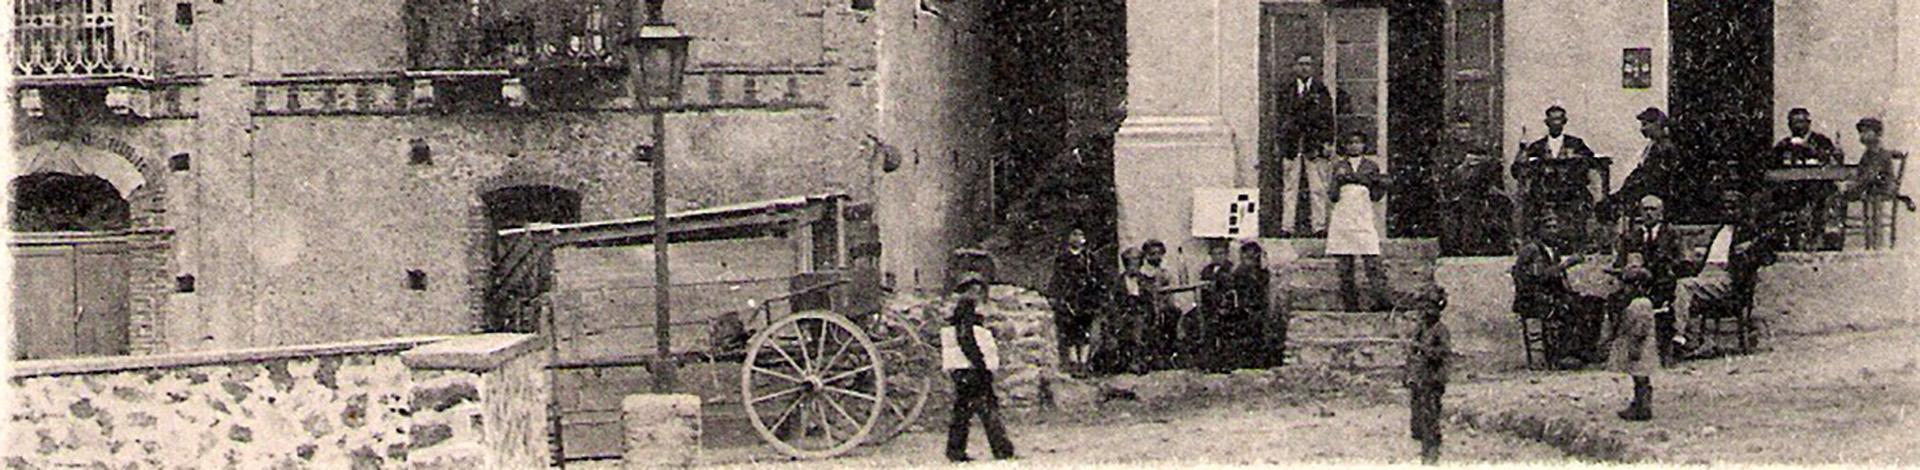 Roccaforte del Greco - slide 3